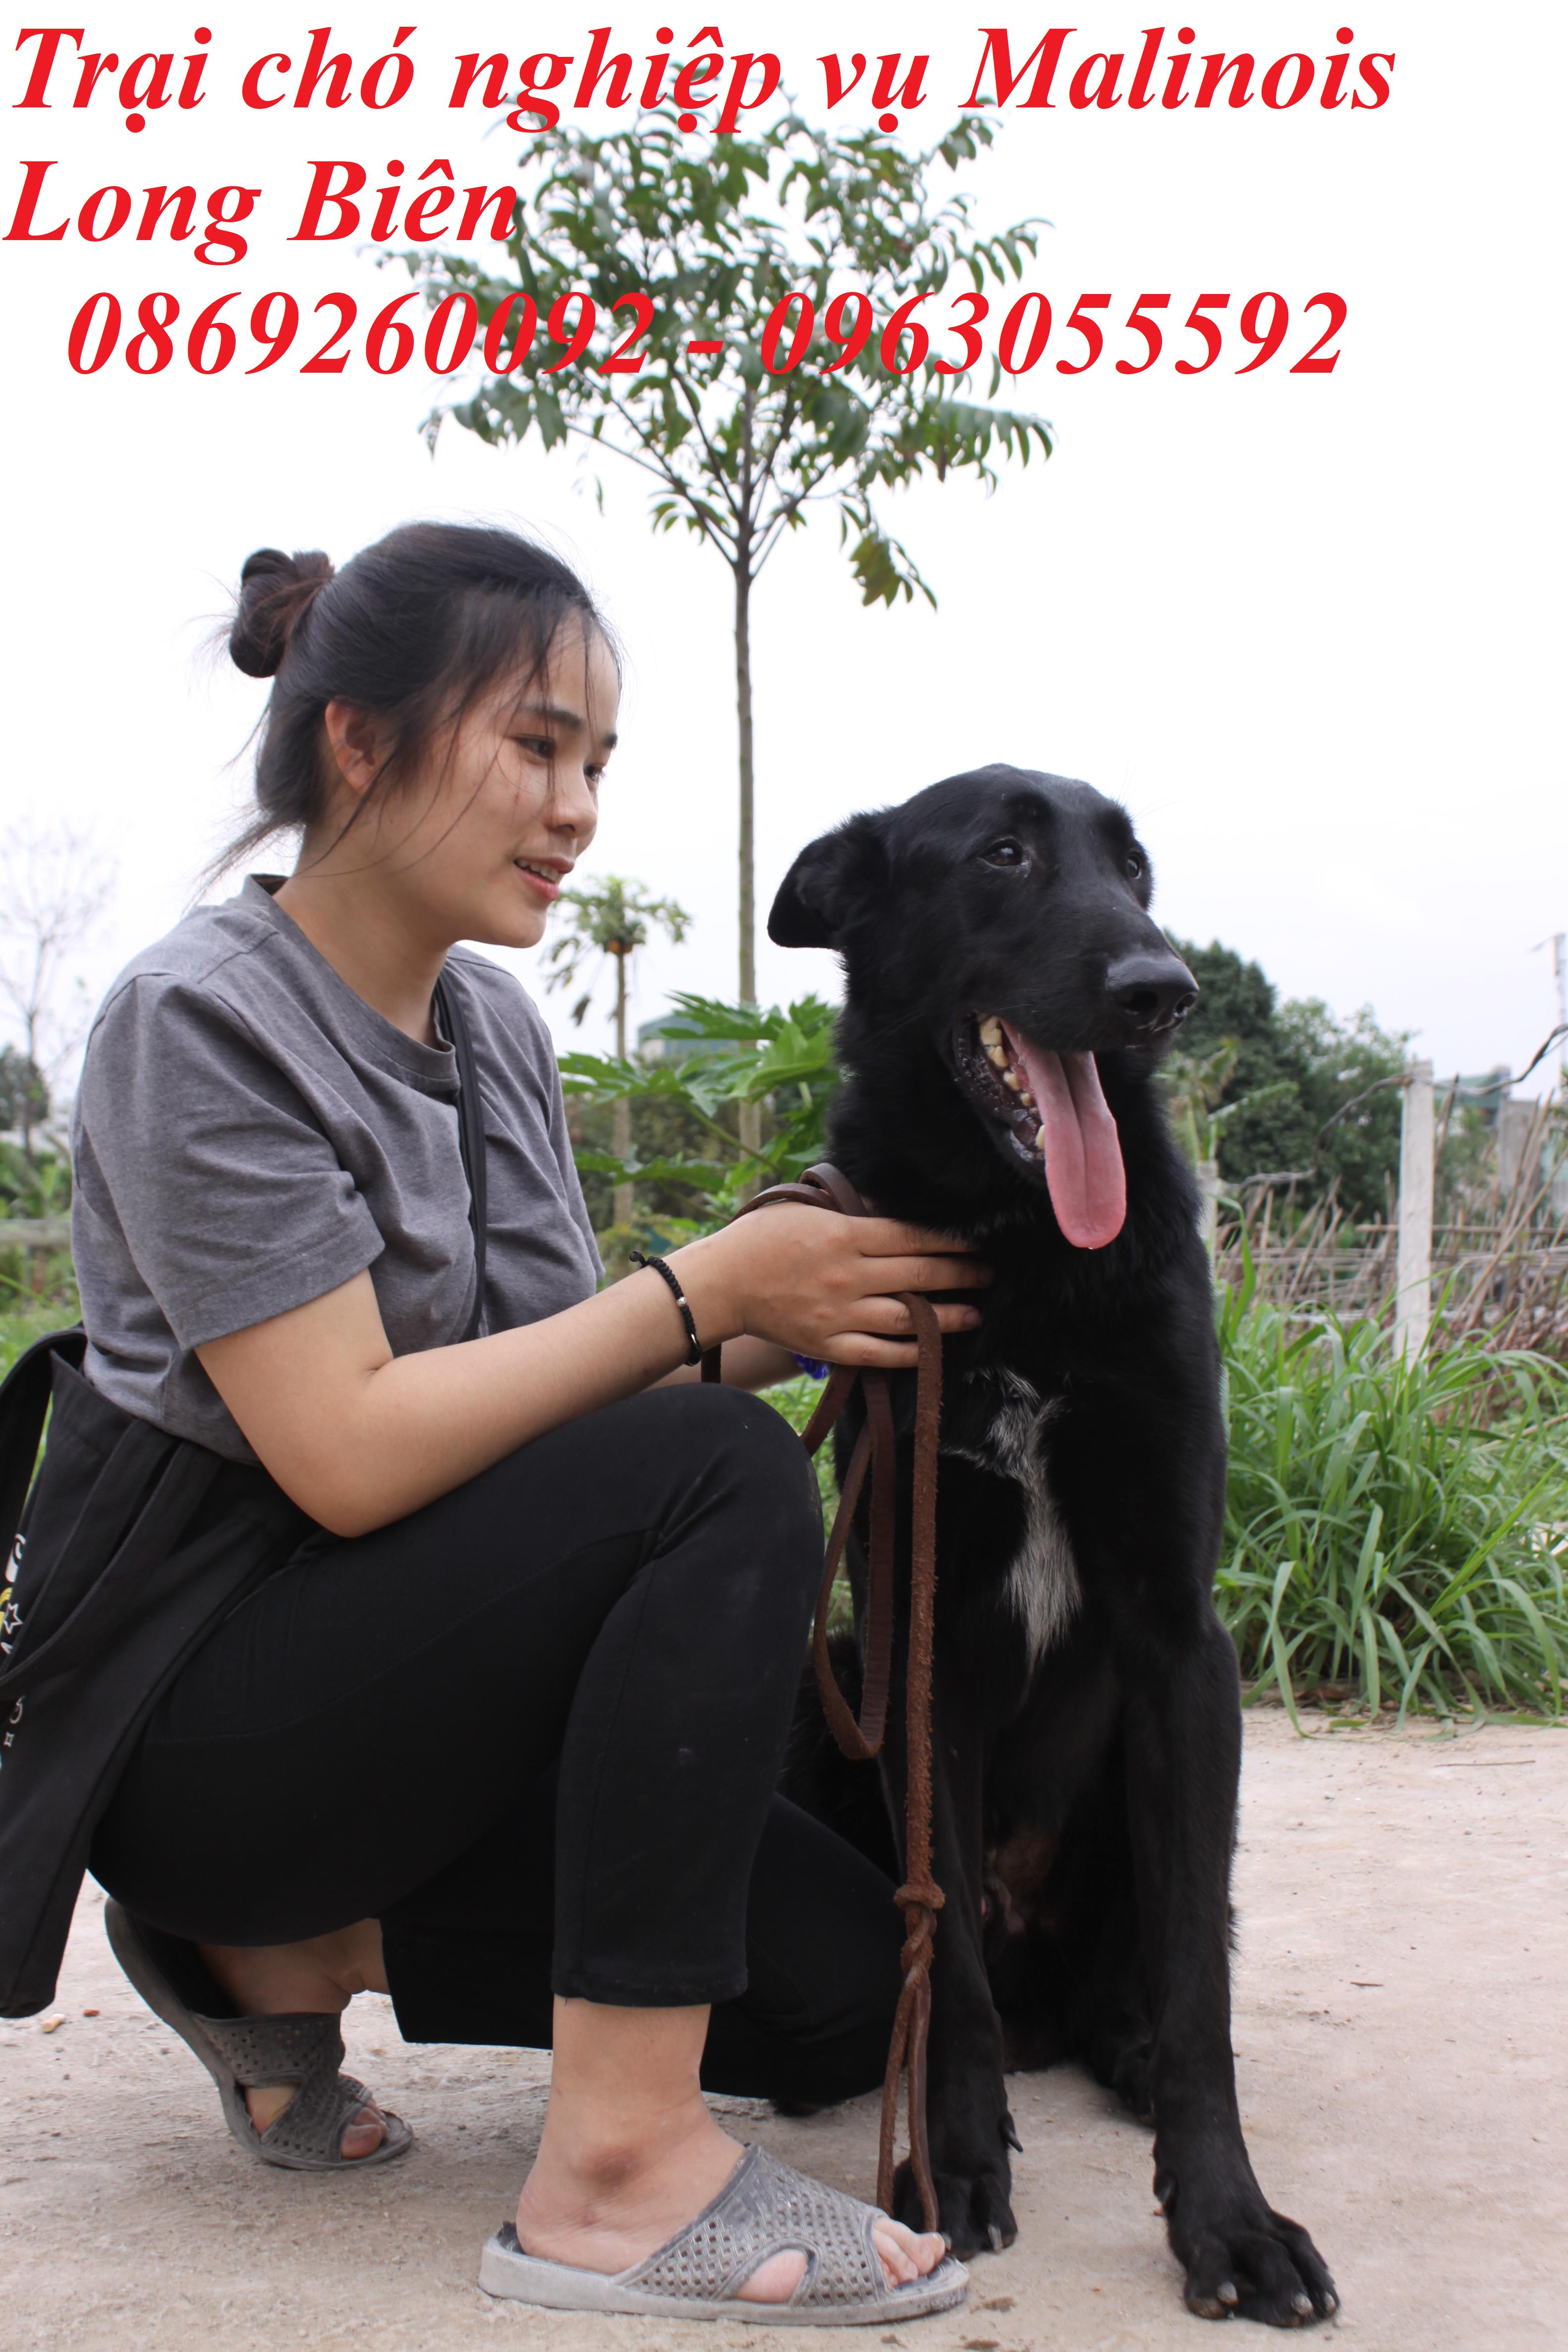 Chó Malinois trươngr thành tại trại chó Malinois Long Biên